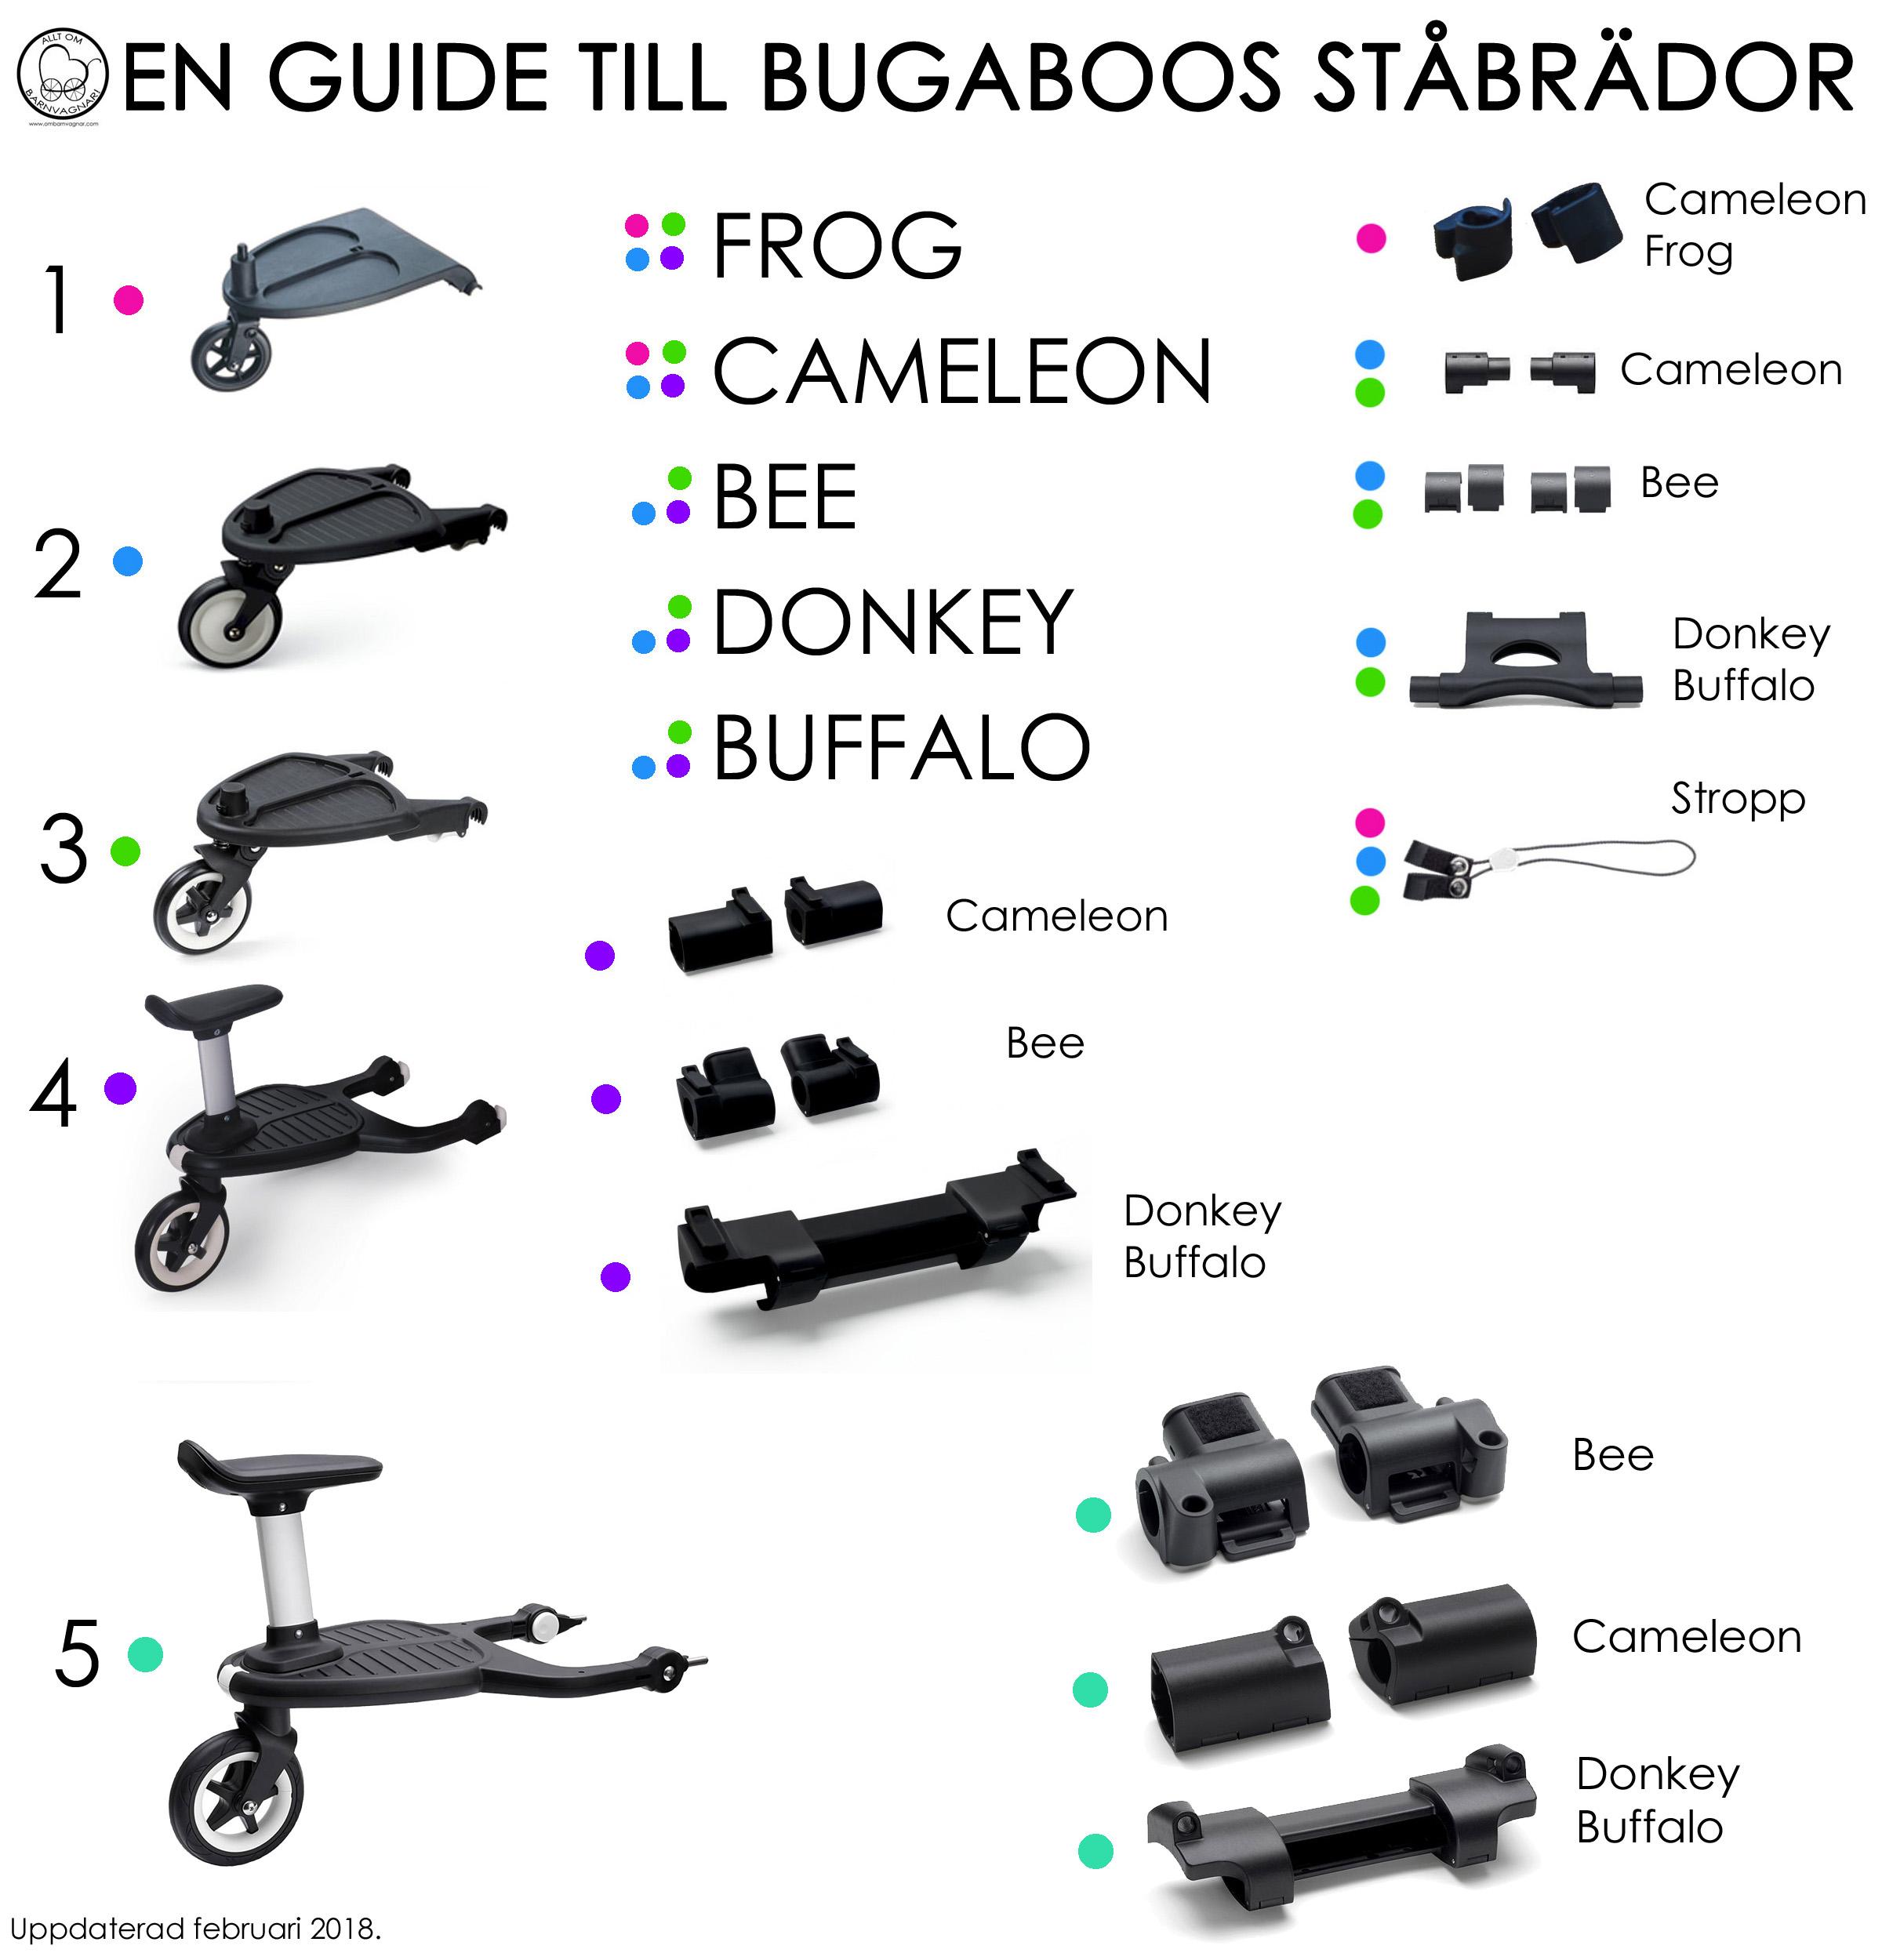 Så ser du skillnaden på Bugaboo ståbrädor och adapters för ståbräda